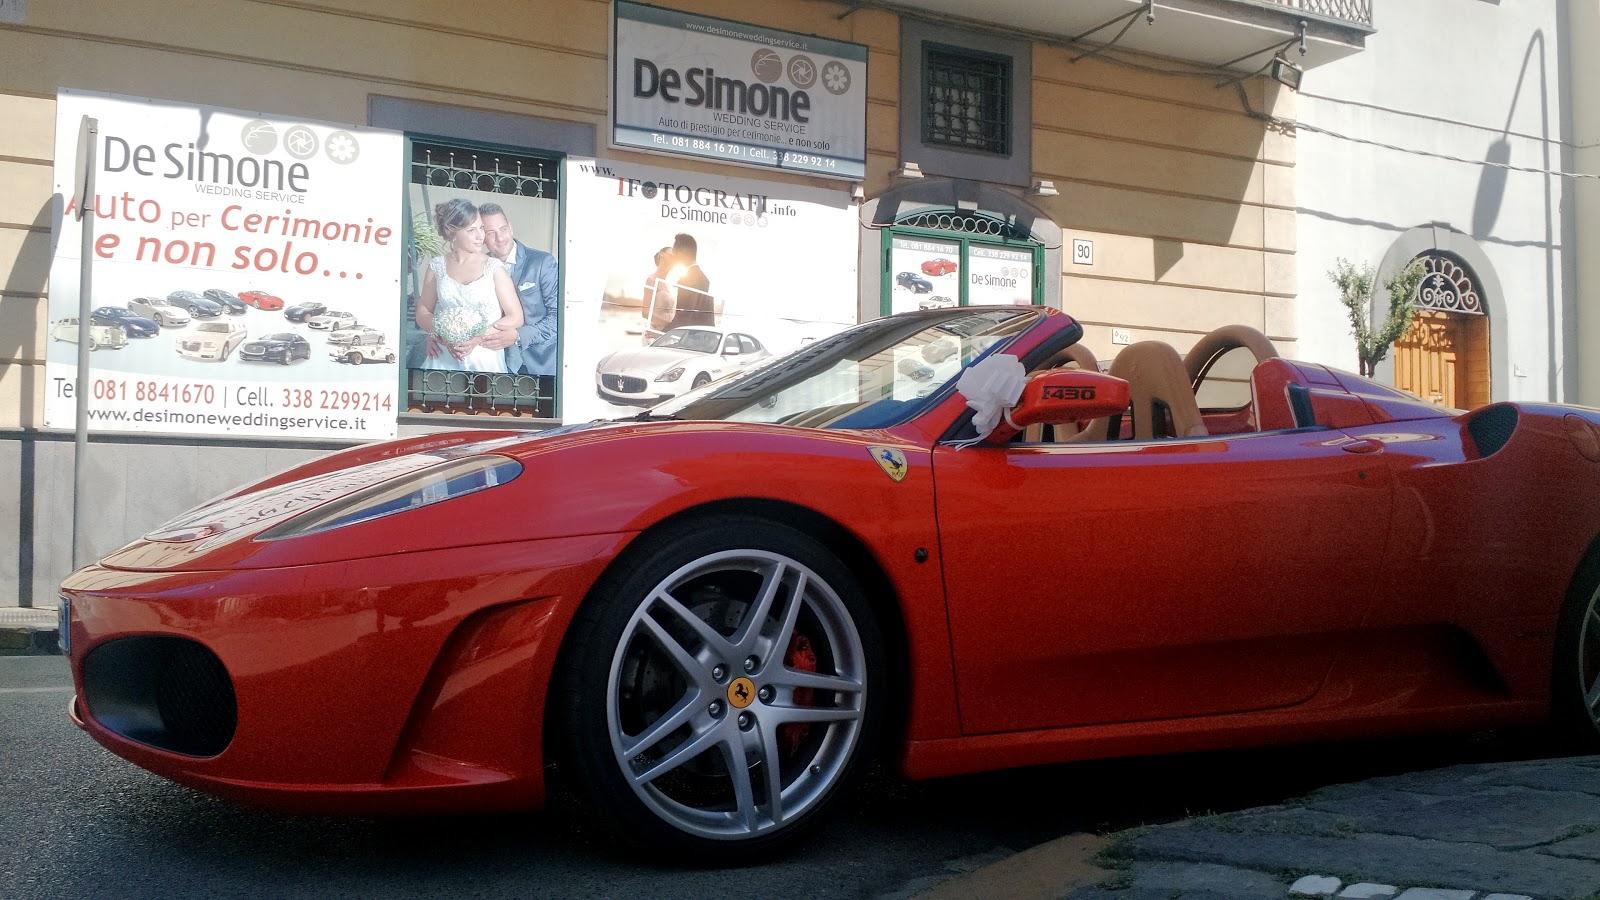 Matrimonio In Ferrari : De simone wedding service auto di prestigio per cerimonie e non